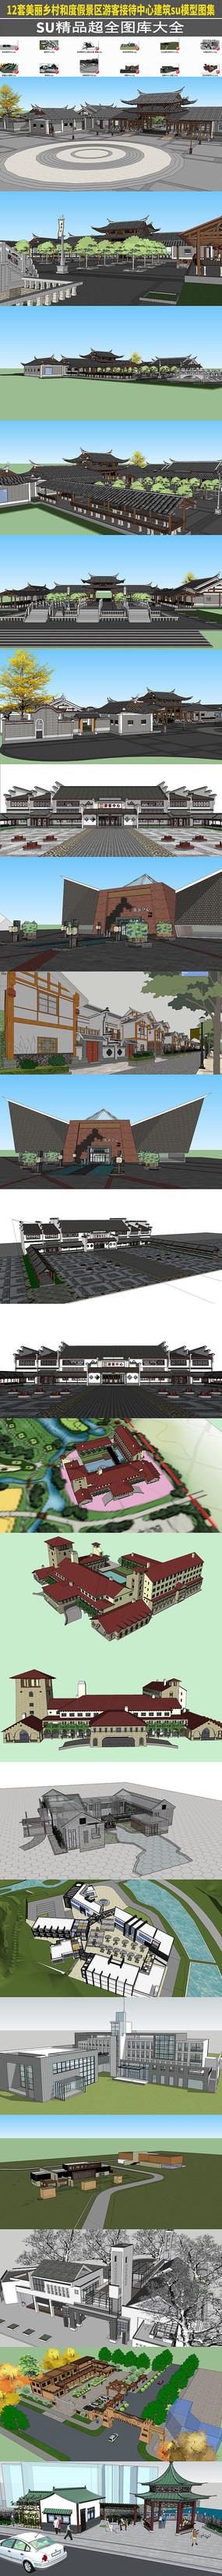 游客接待中心建筑su模型图集